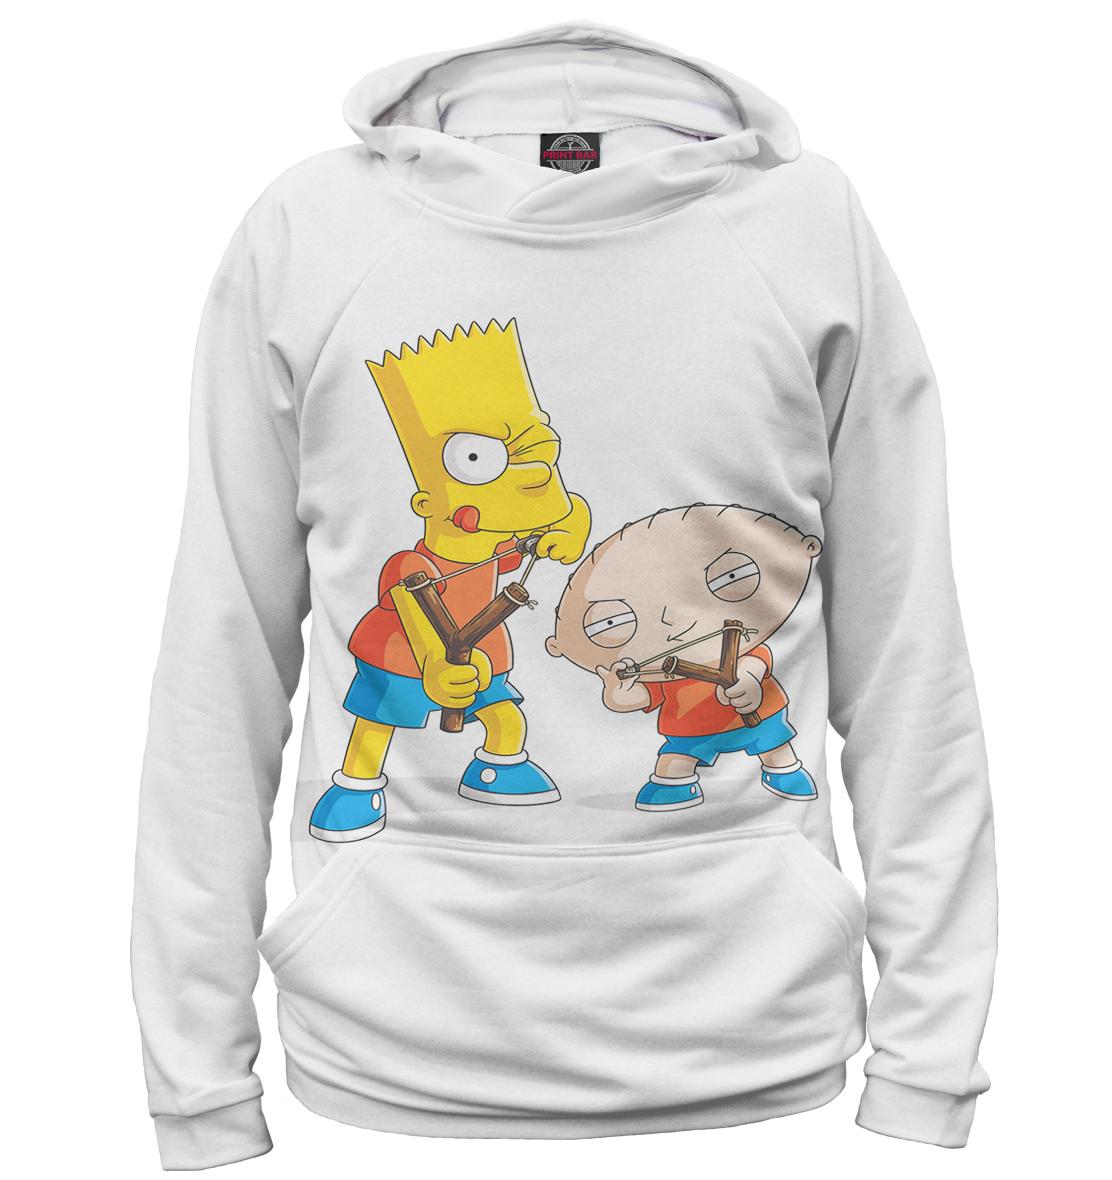 Купить Барт и Стьюи, Printbar, Худи, FAM-509856-hud-1